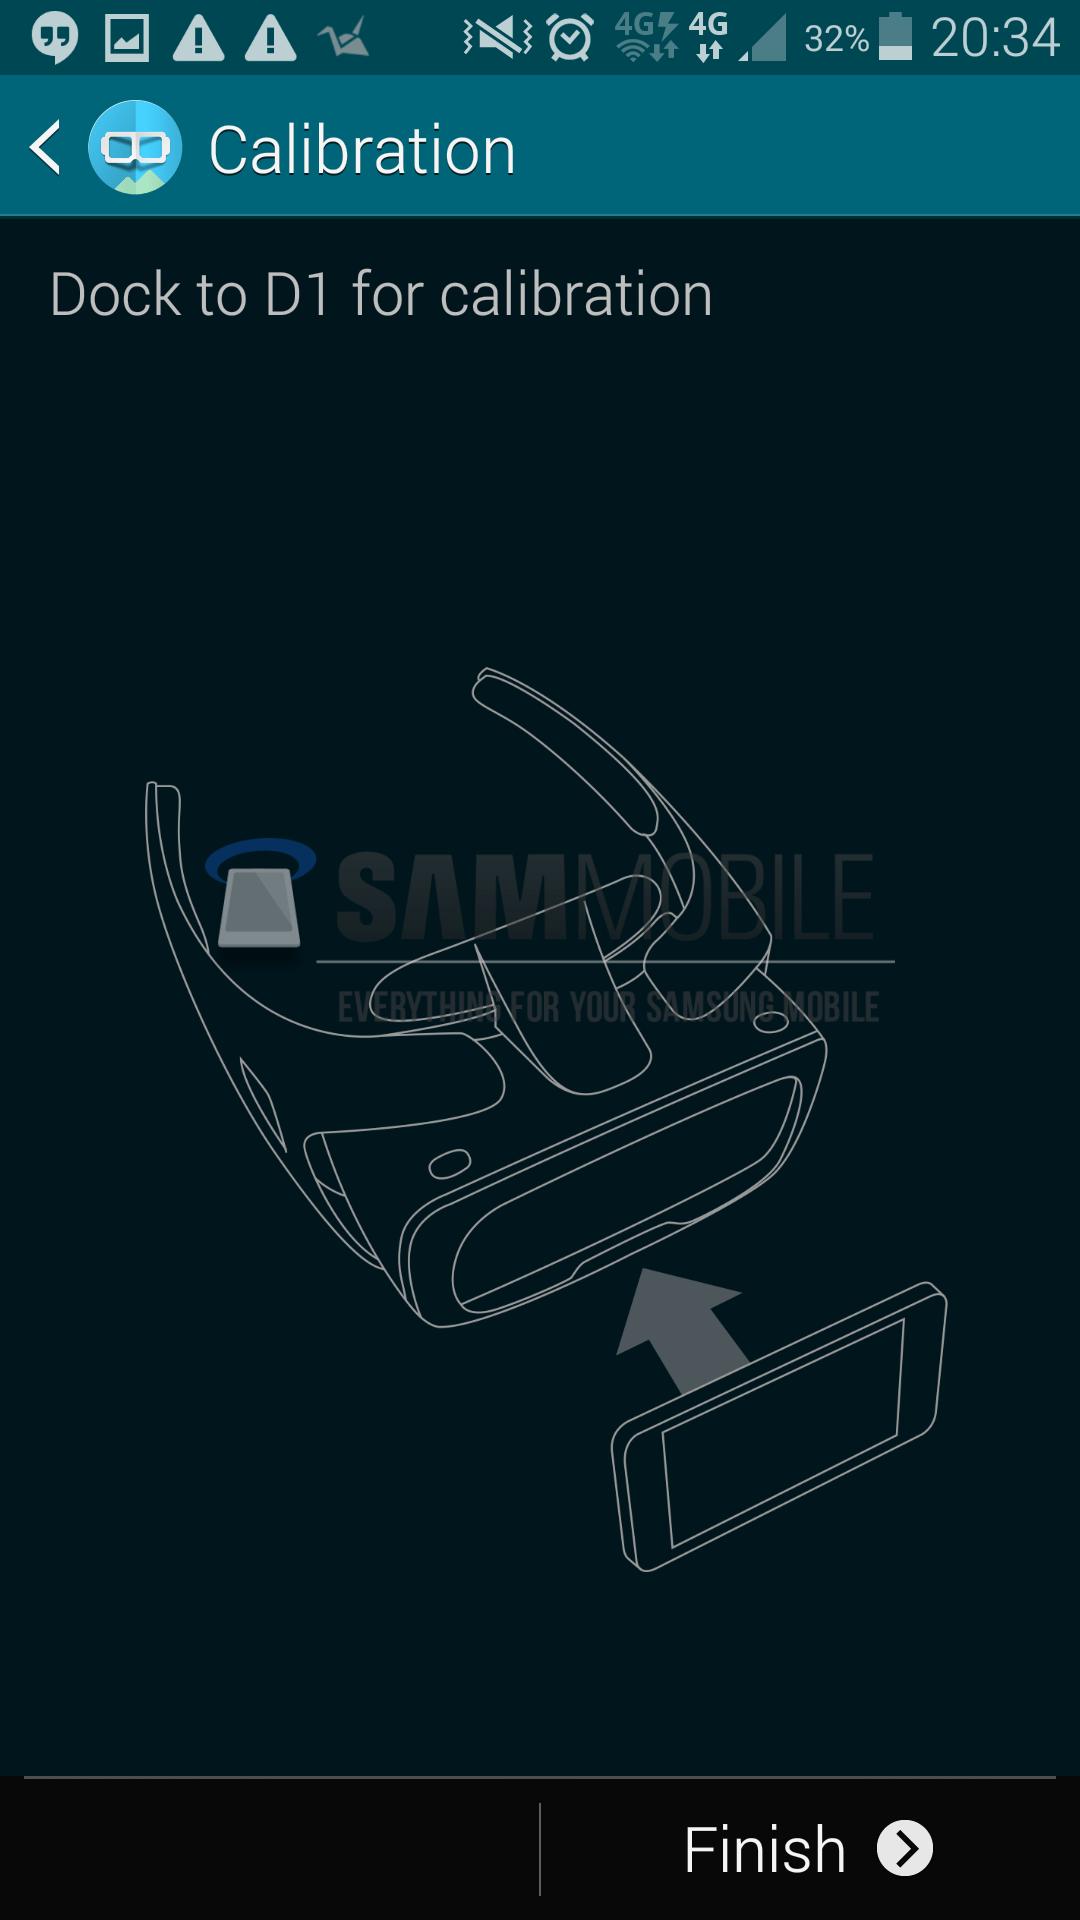 L'application Gear VR de Samsung pour le casque de réalité virtuelle déjà dévoilée